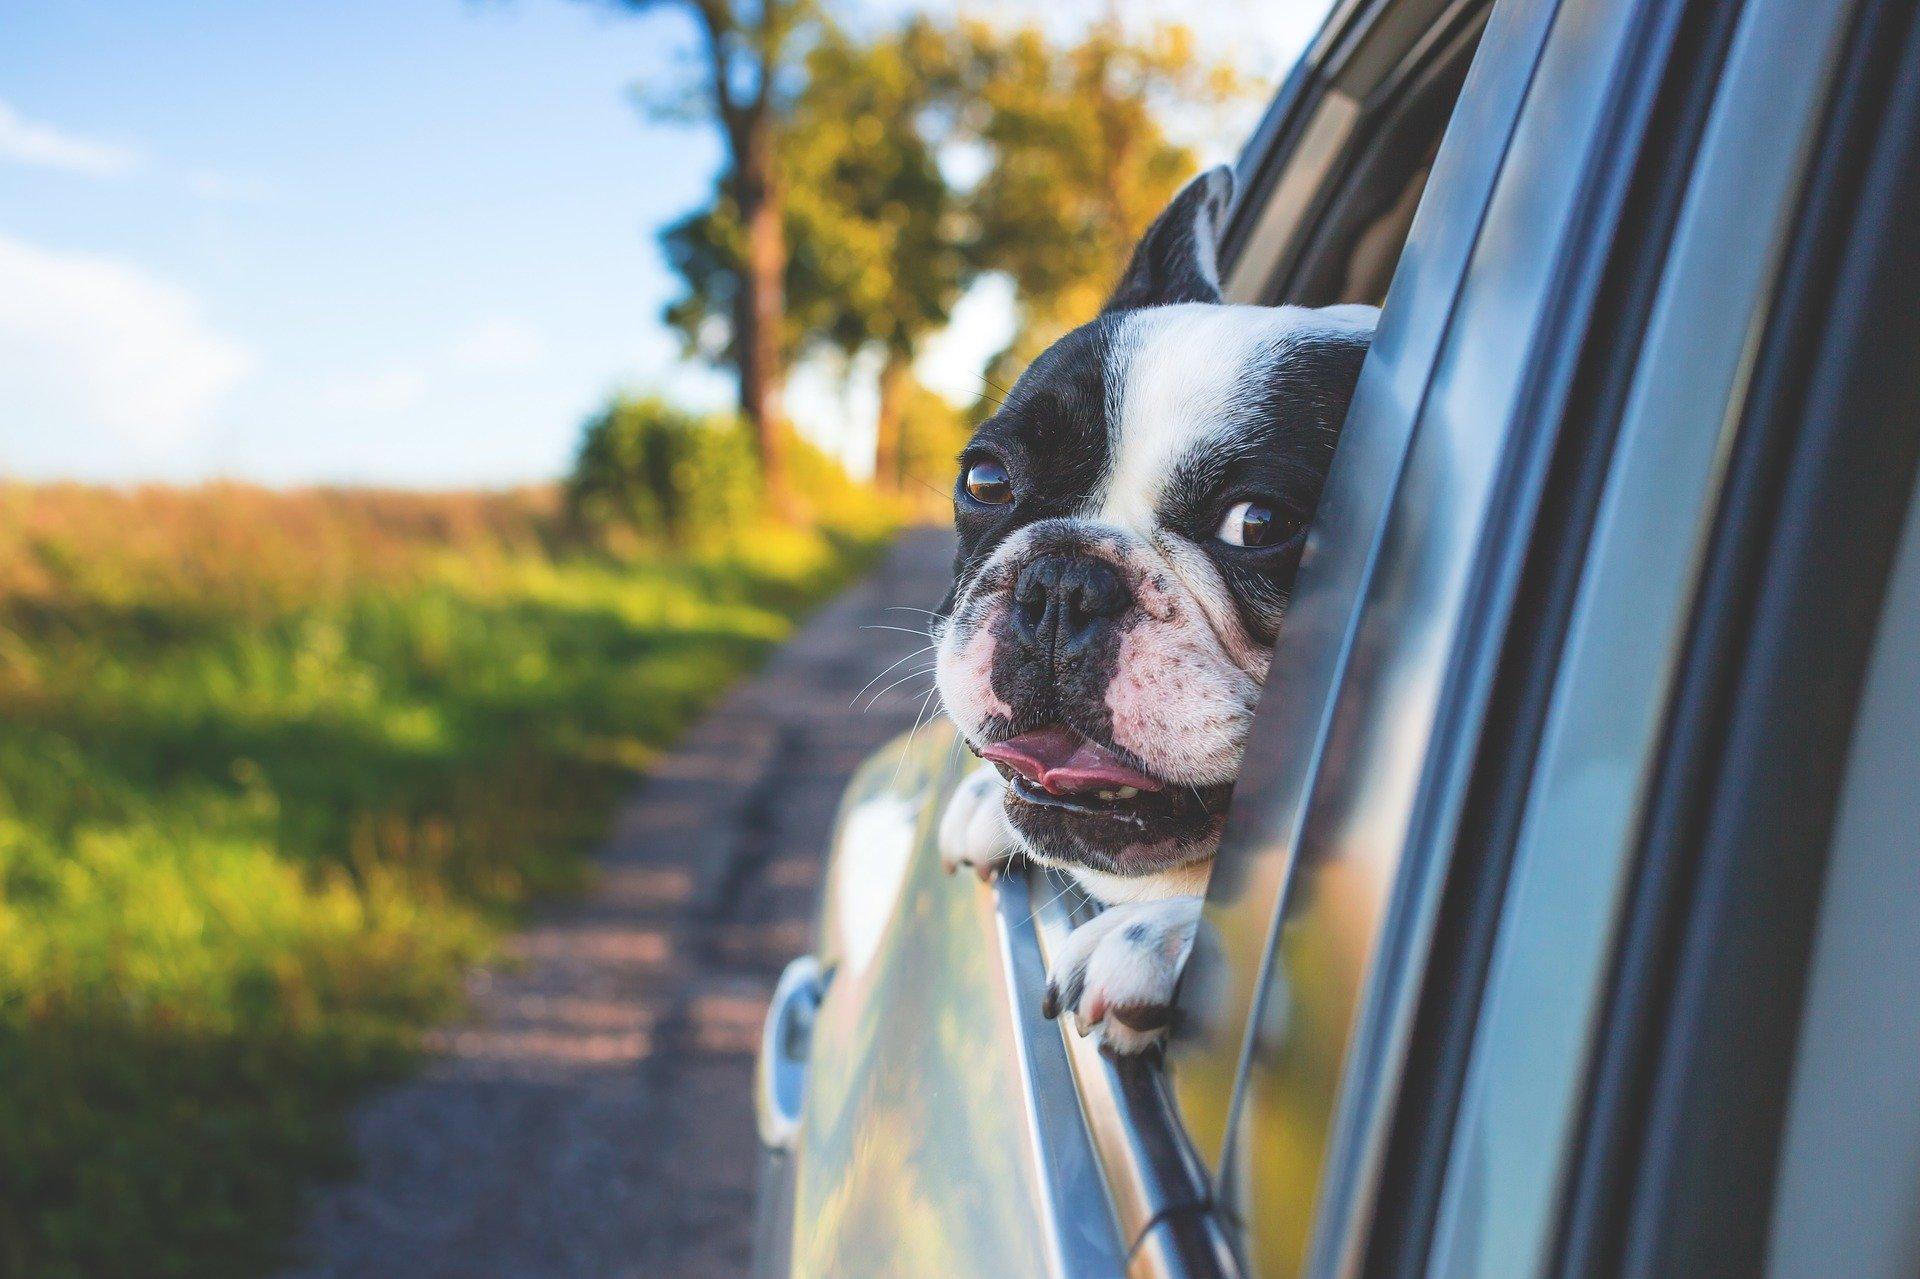 As caixas de transporte para animais são obrigatórias por lei para proteger a segurança dos nossos amigos de quatro patas, de acordo com o Código da Estrada.